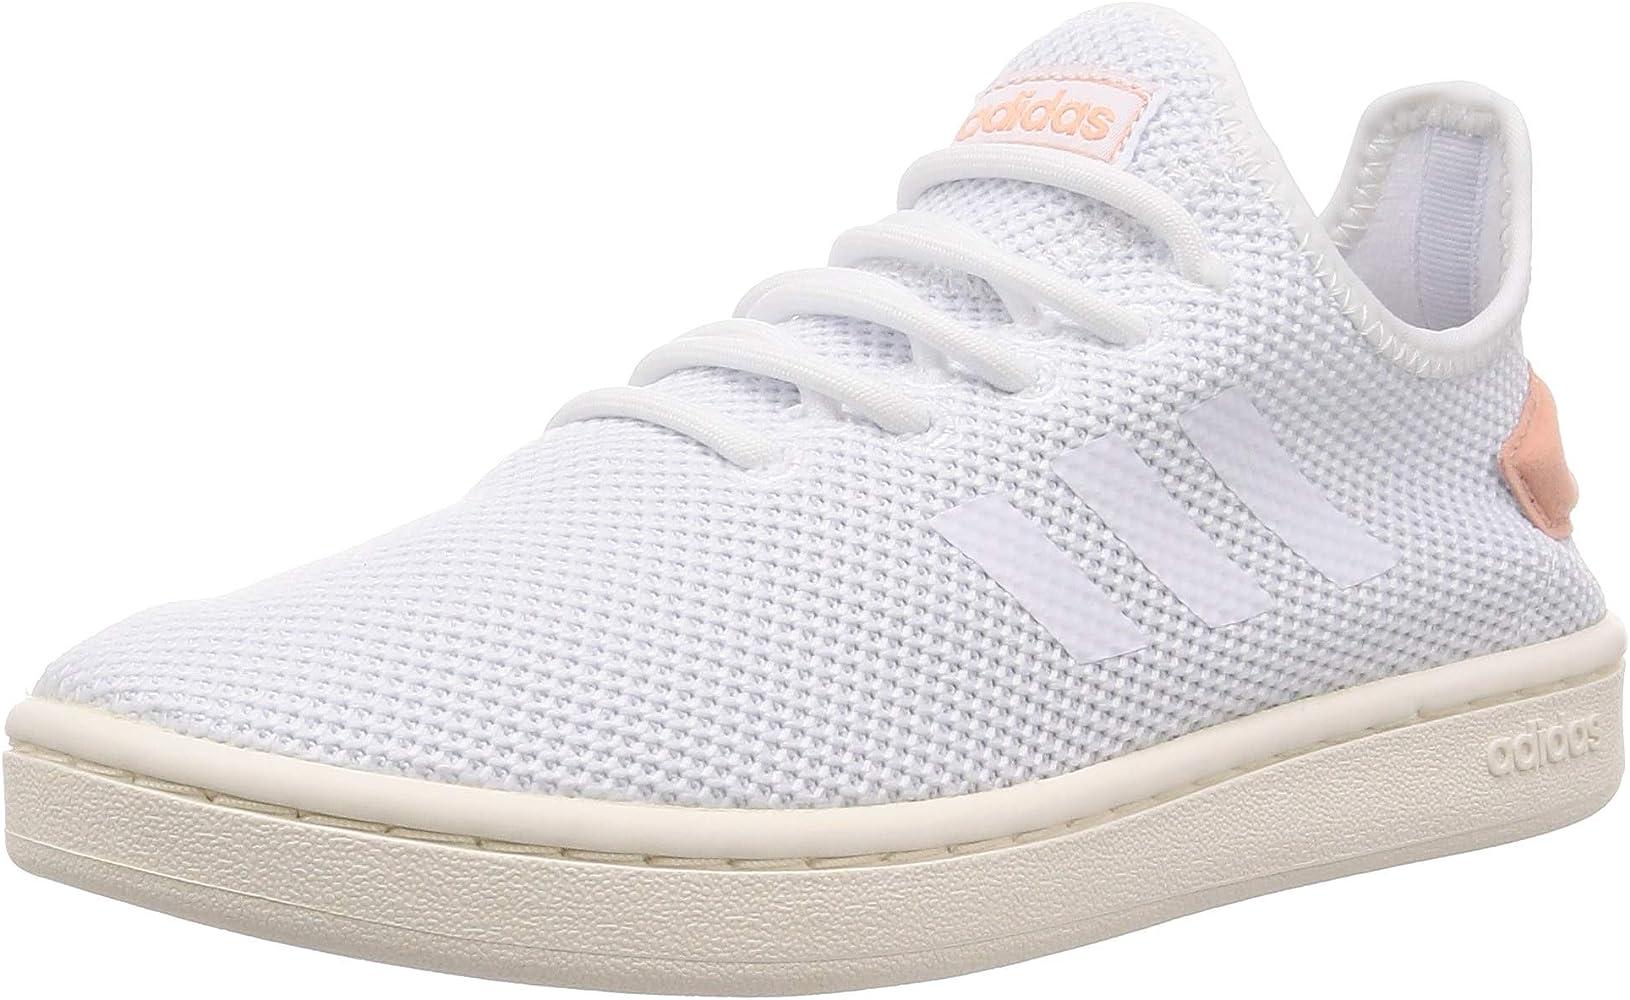 White/Dusk Pink - UK Shoe Size